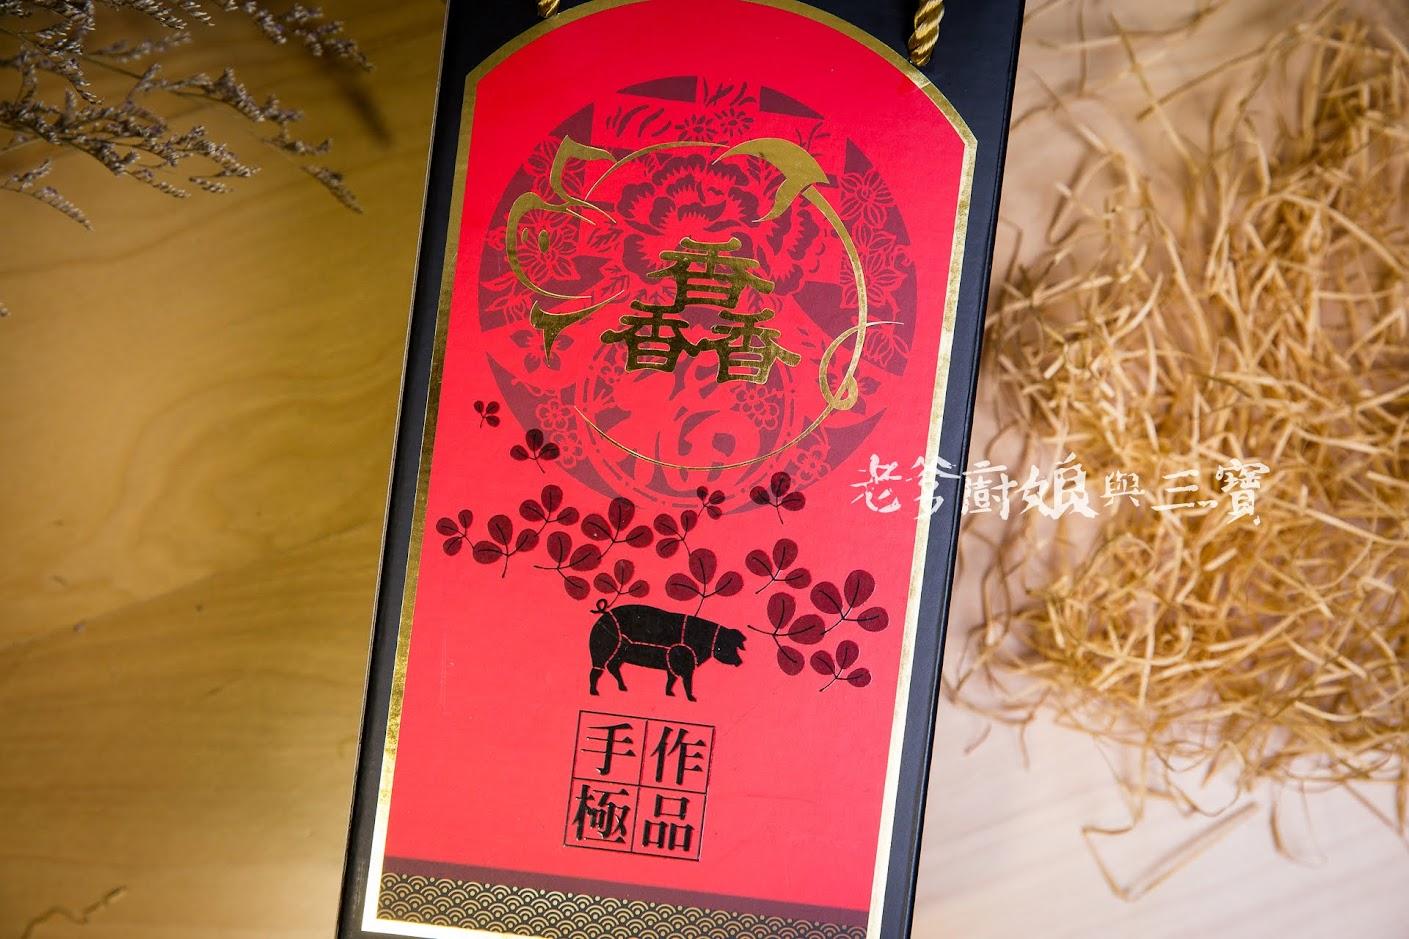 榛食本位 手工香草培根(切片)/手工香草煙燻雞胸/三隻小豬手工火腿禮盒...來自台灣本地肉品手工製成的垂涎逸品